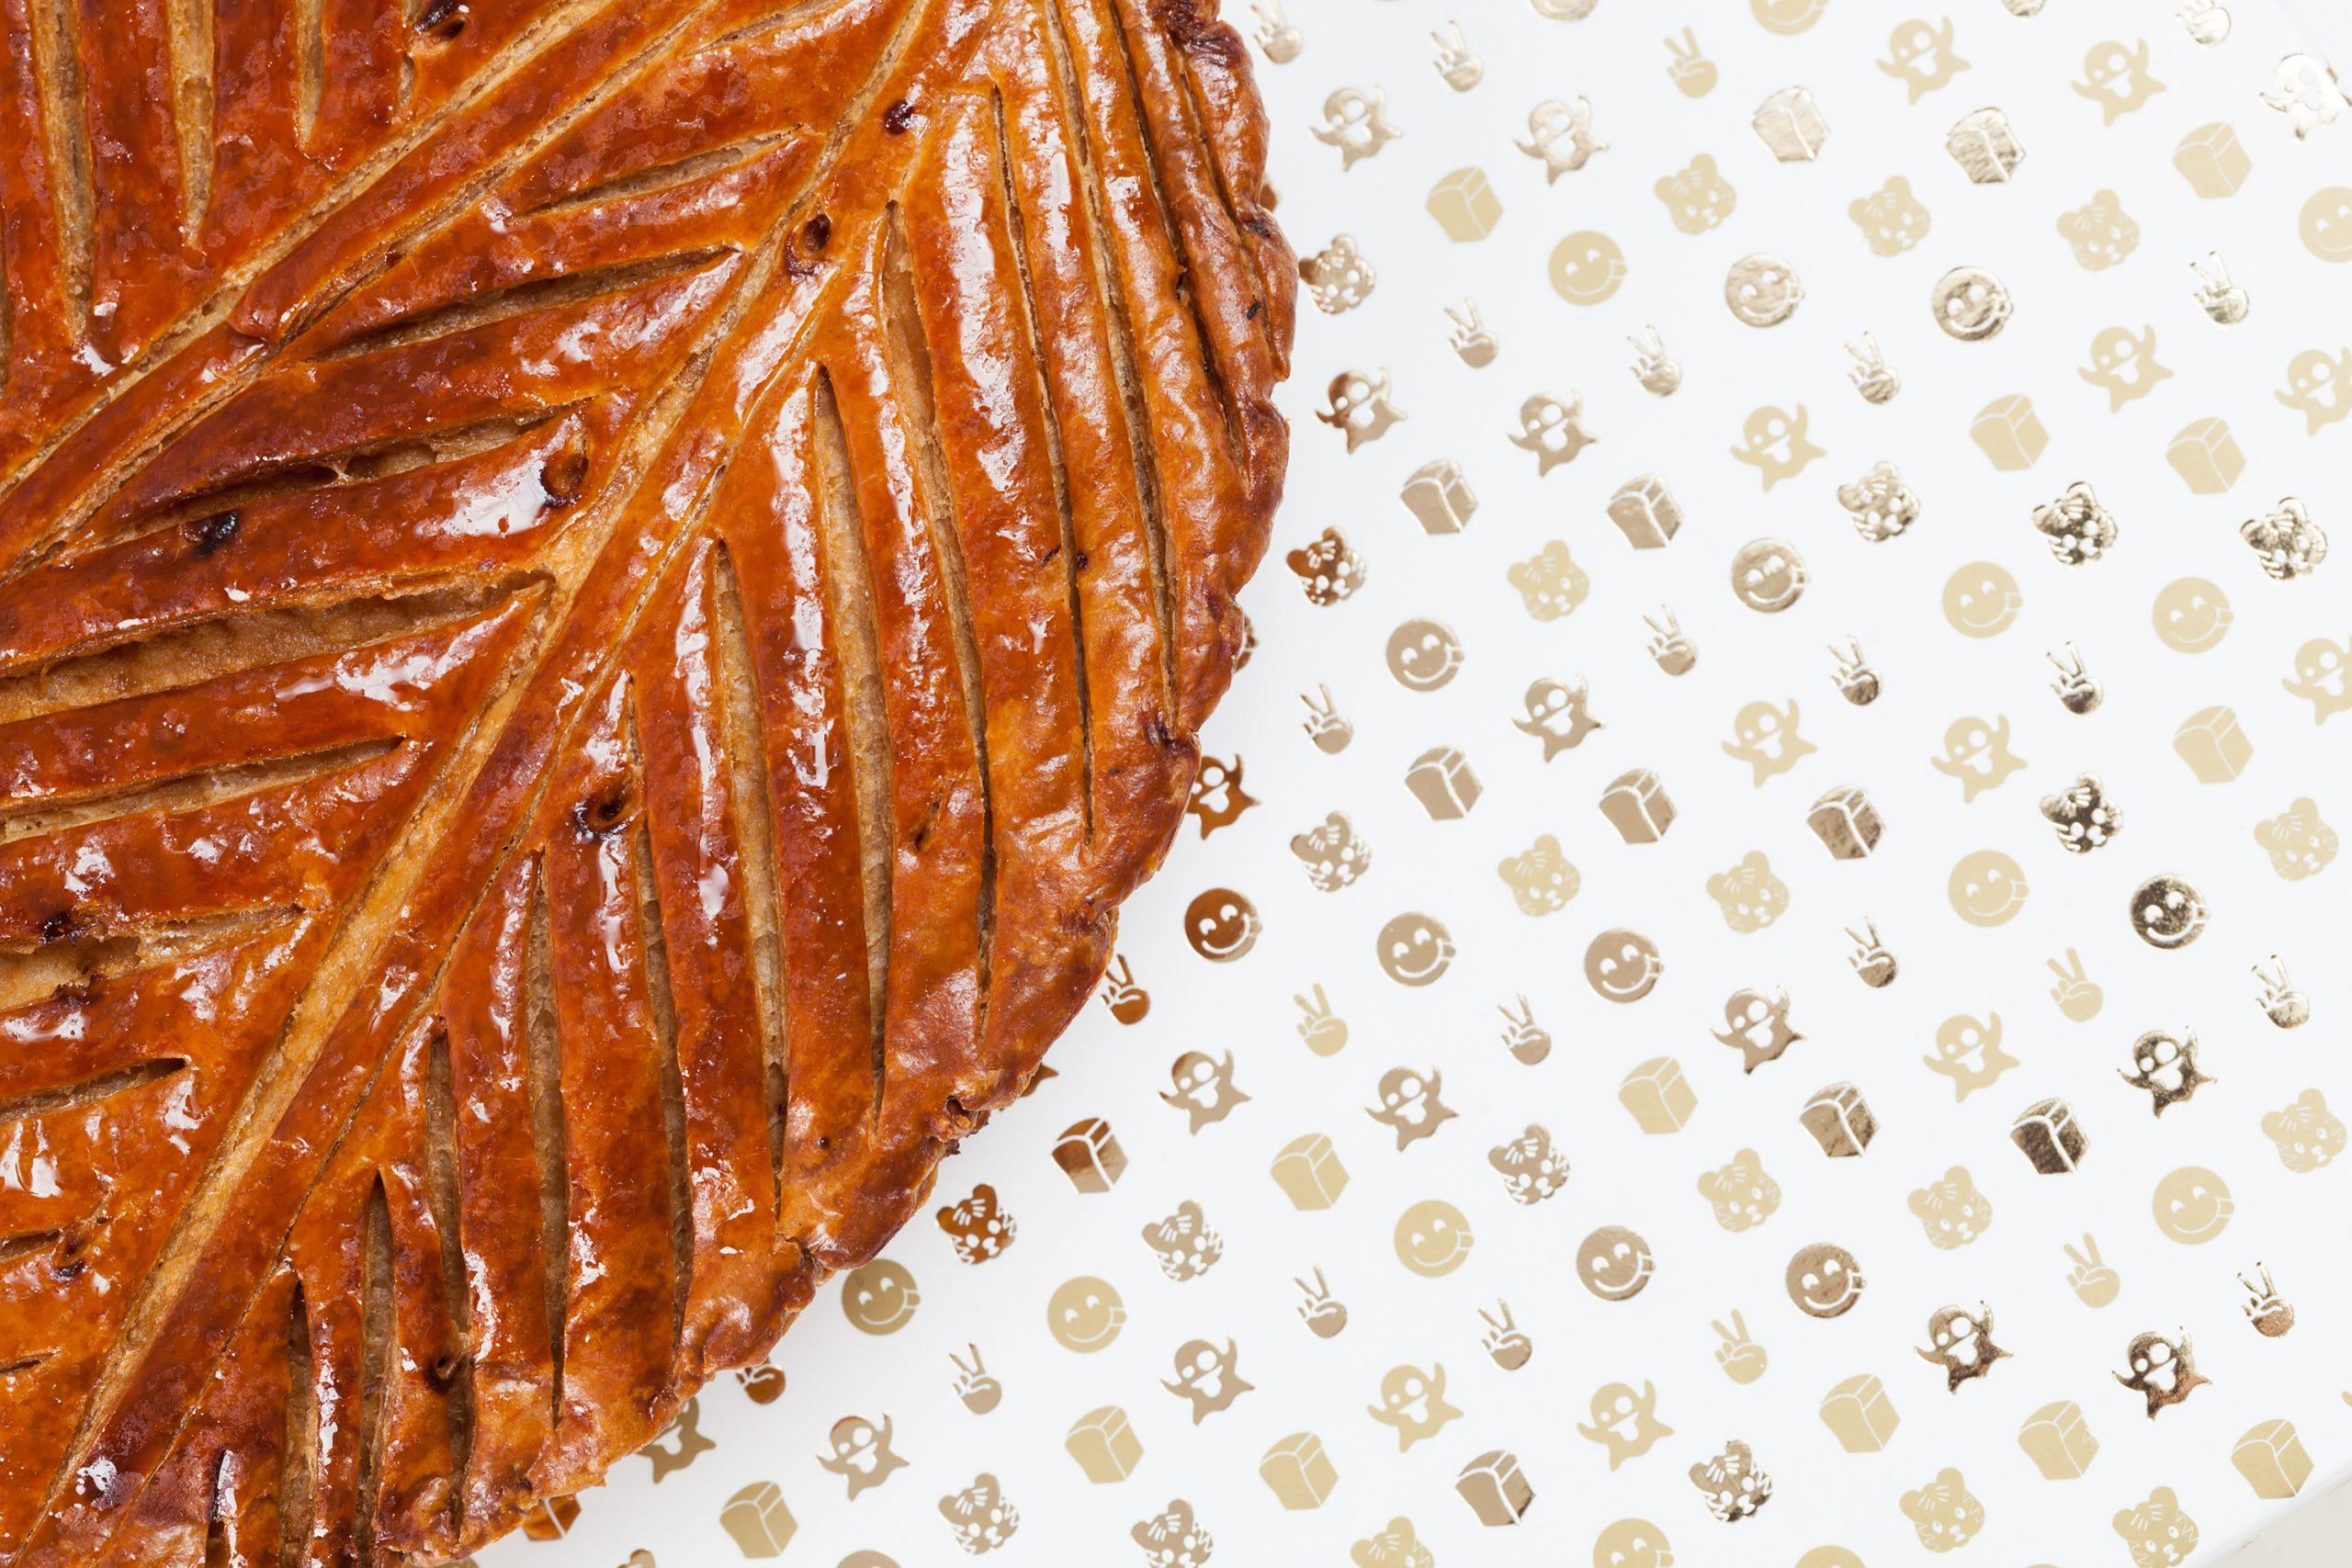 meilleur galette de paris painpain LAPETITEGROSSE